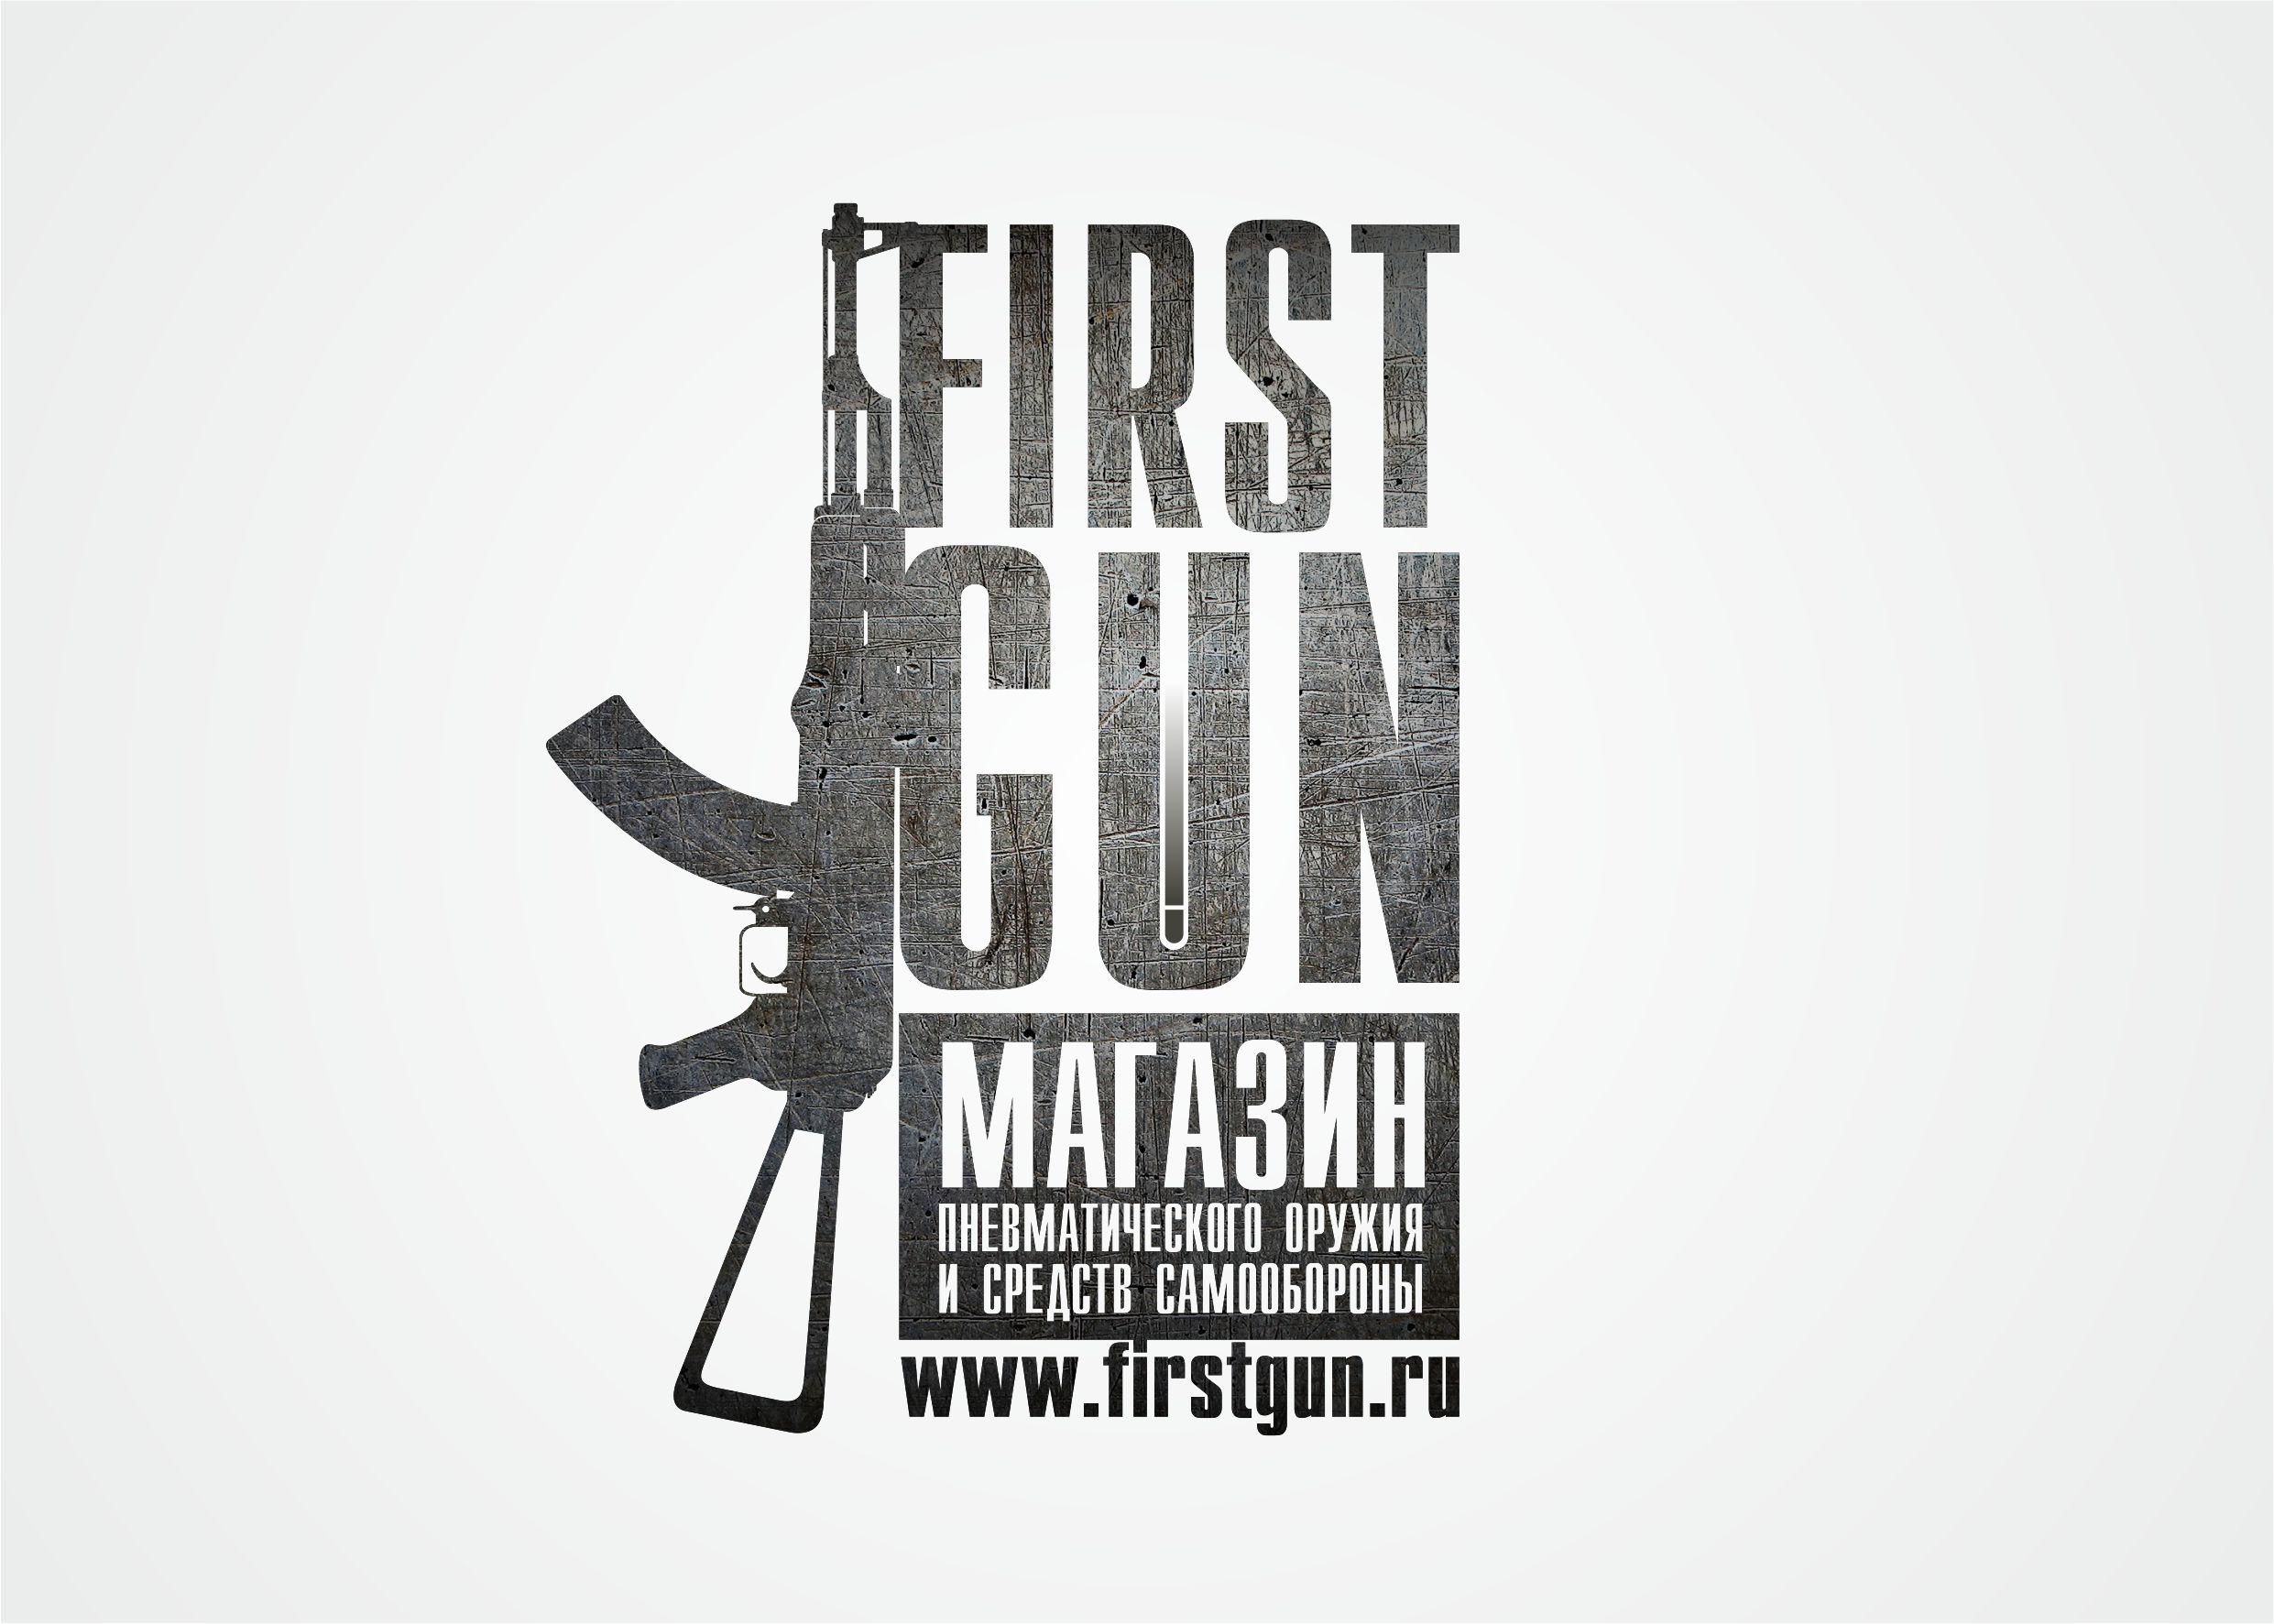 """Разработка логотипа для магазина по продаже пневматического оружия и средств самозащиты """"First Gun"""""""